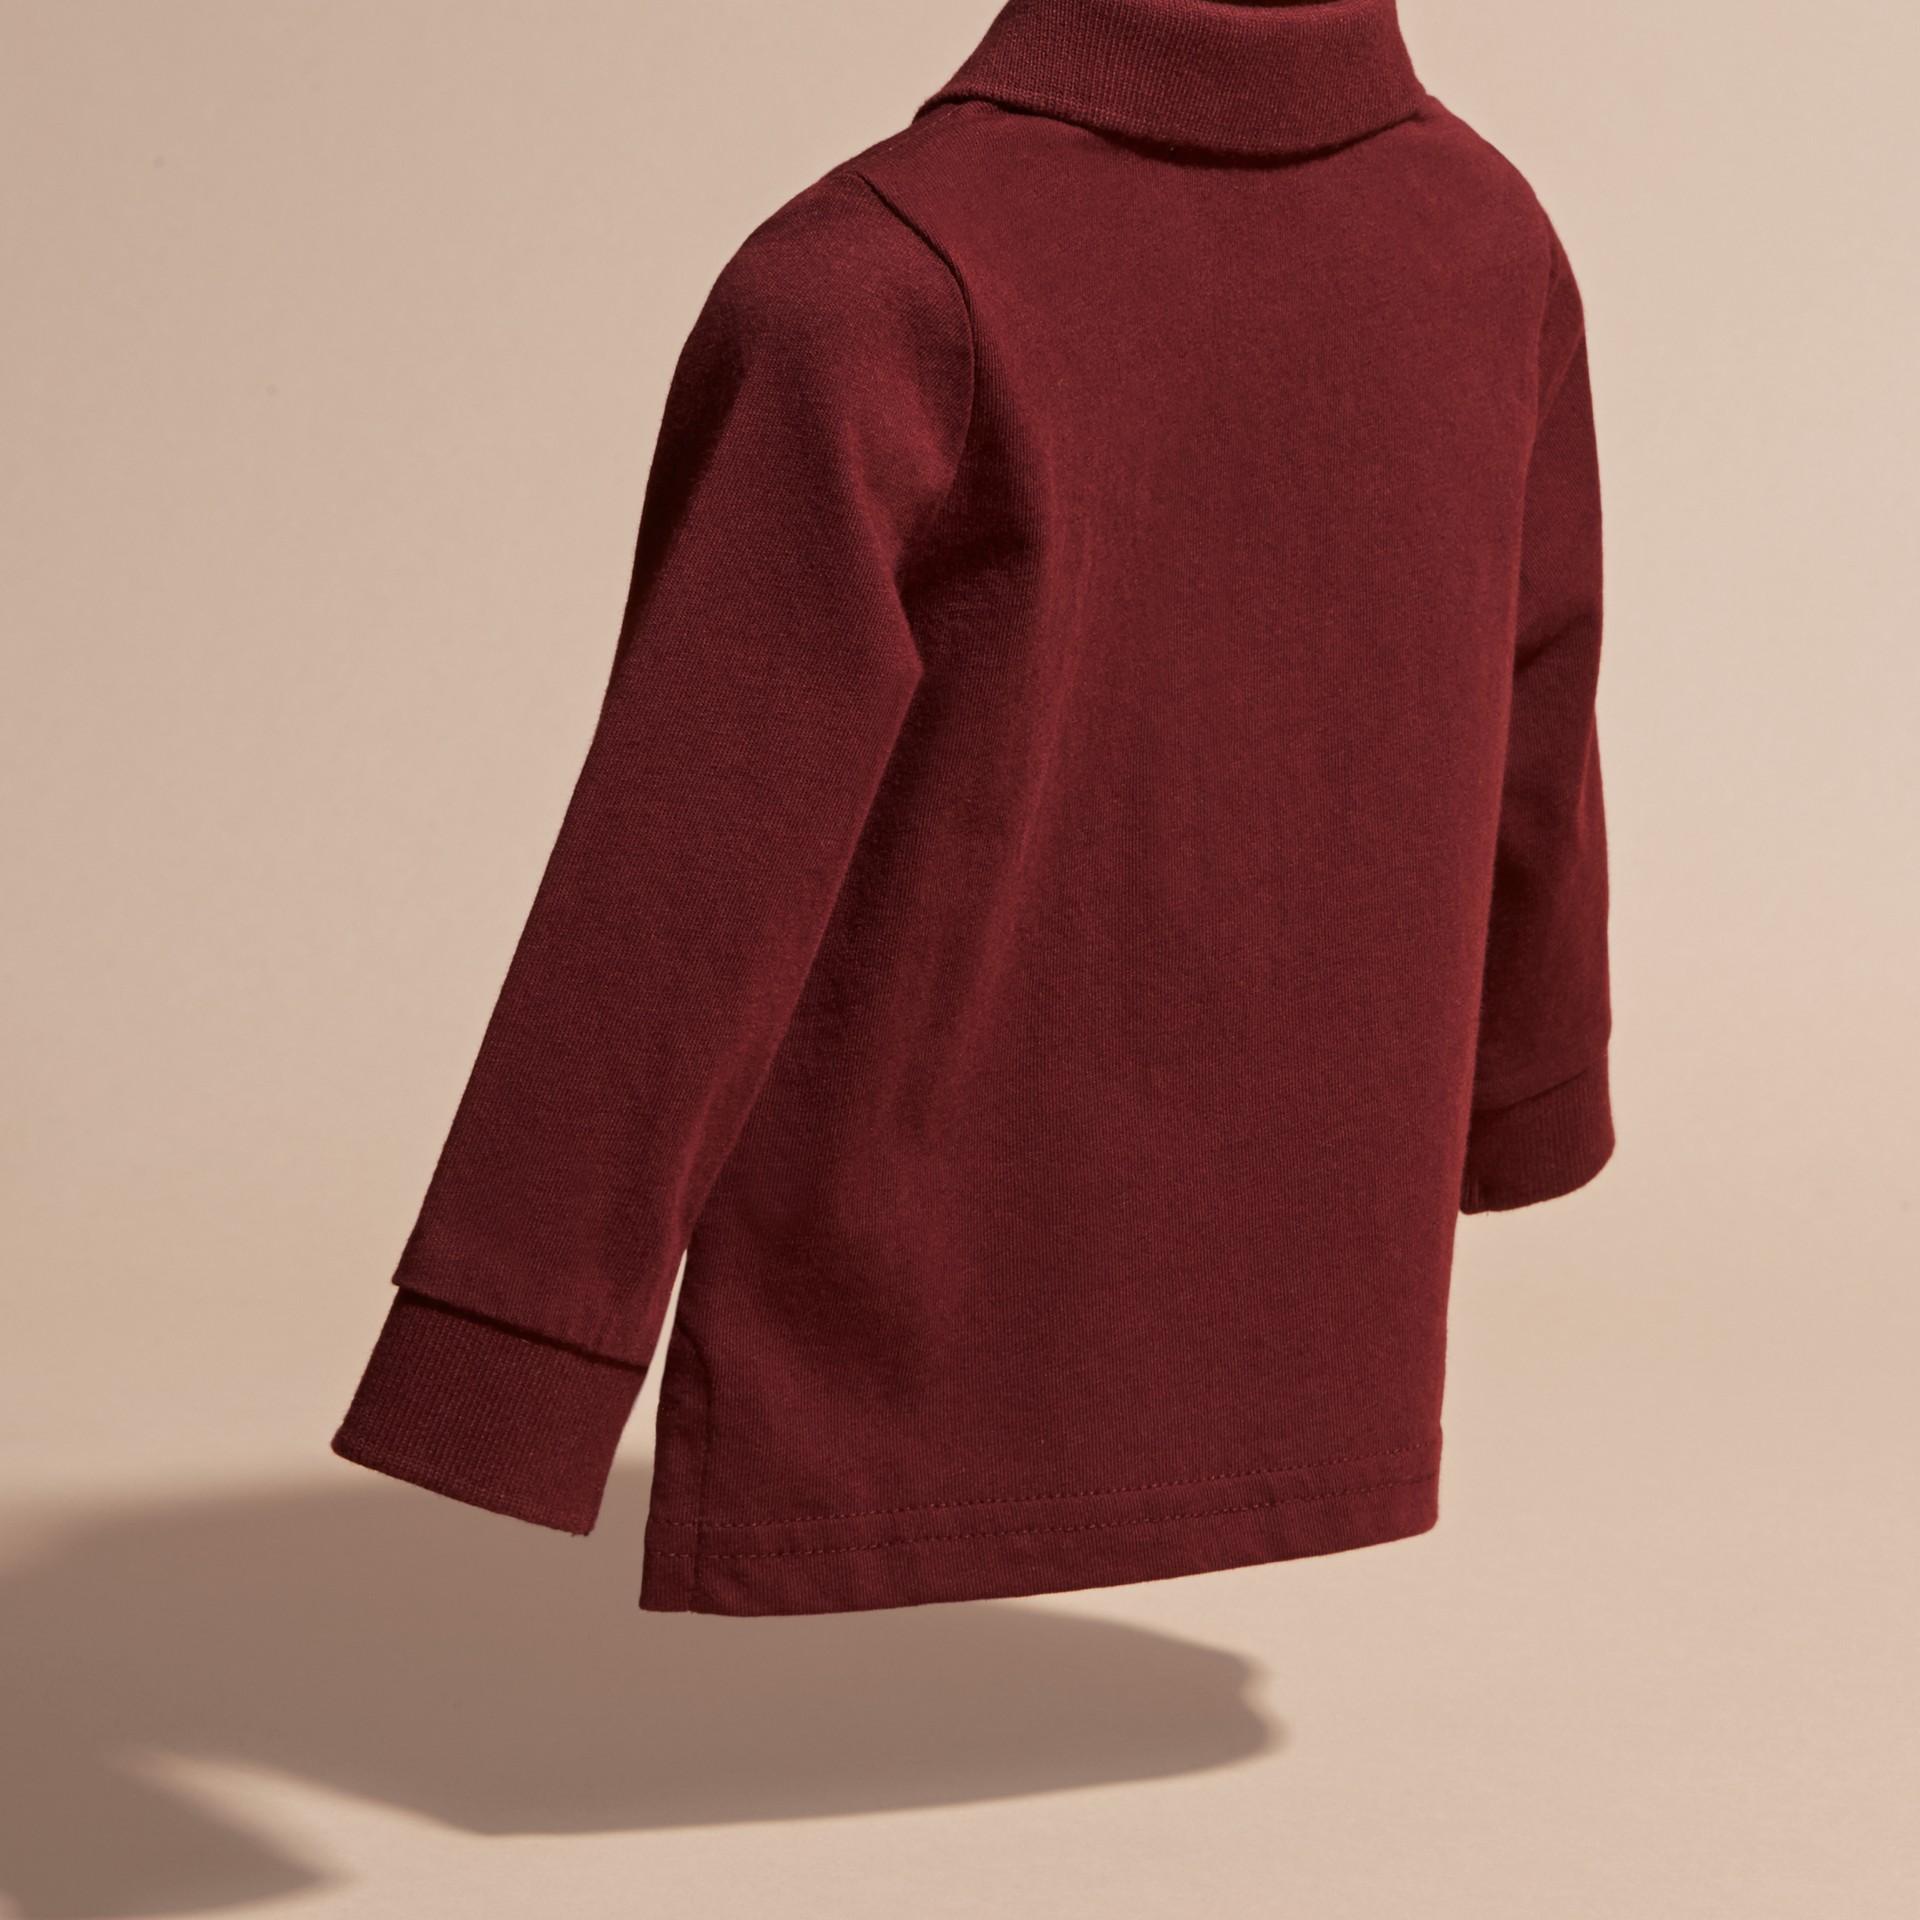 Rouge bourgogne Polo à manches longues en coton avec éléments check Rouge Bourgogne - photo de la galerie 2